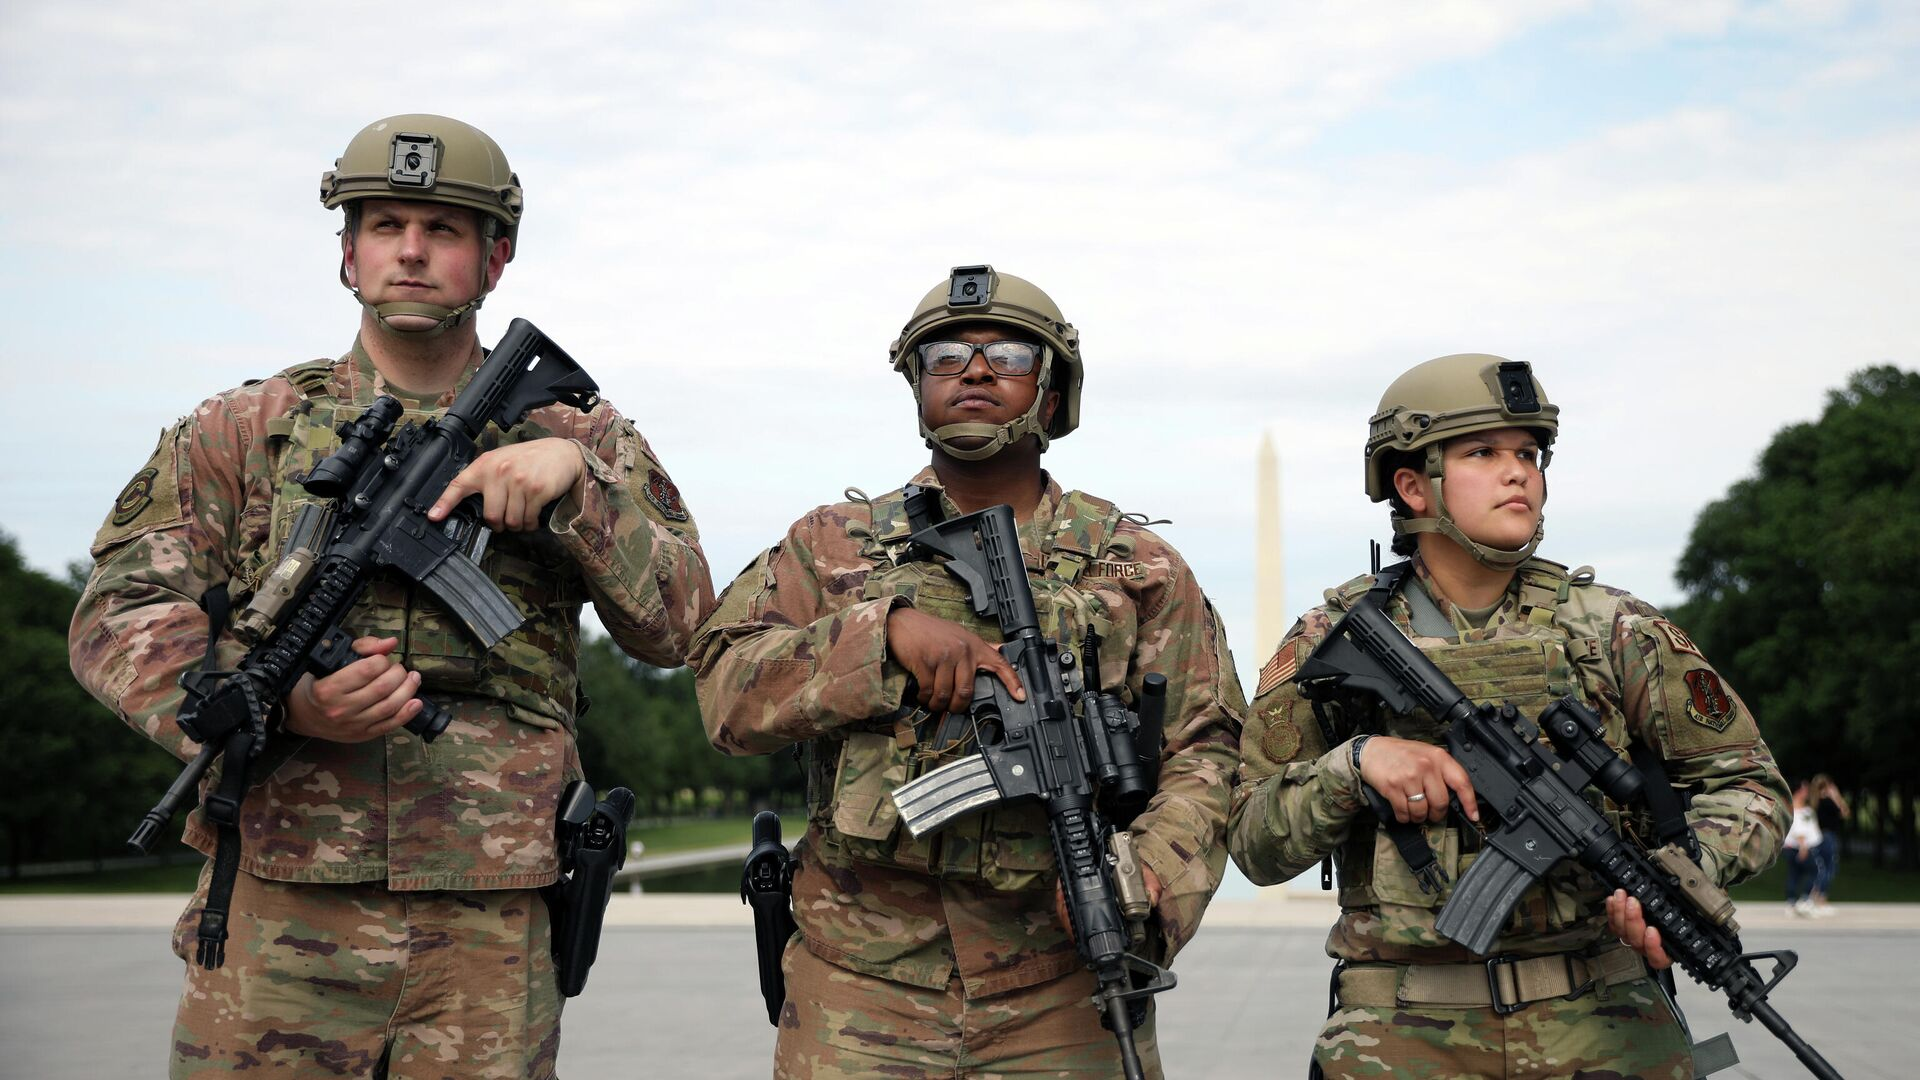 Американские военные и сотрудники Национальной гвардии во время протестов в Вашингтоне, США - РИА Новости, 1920, 16.09.2021